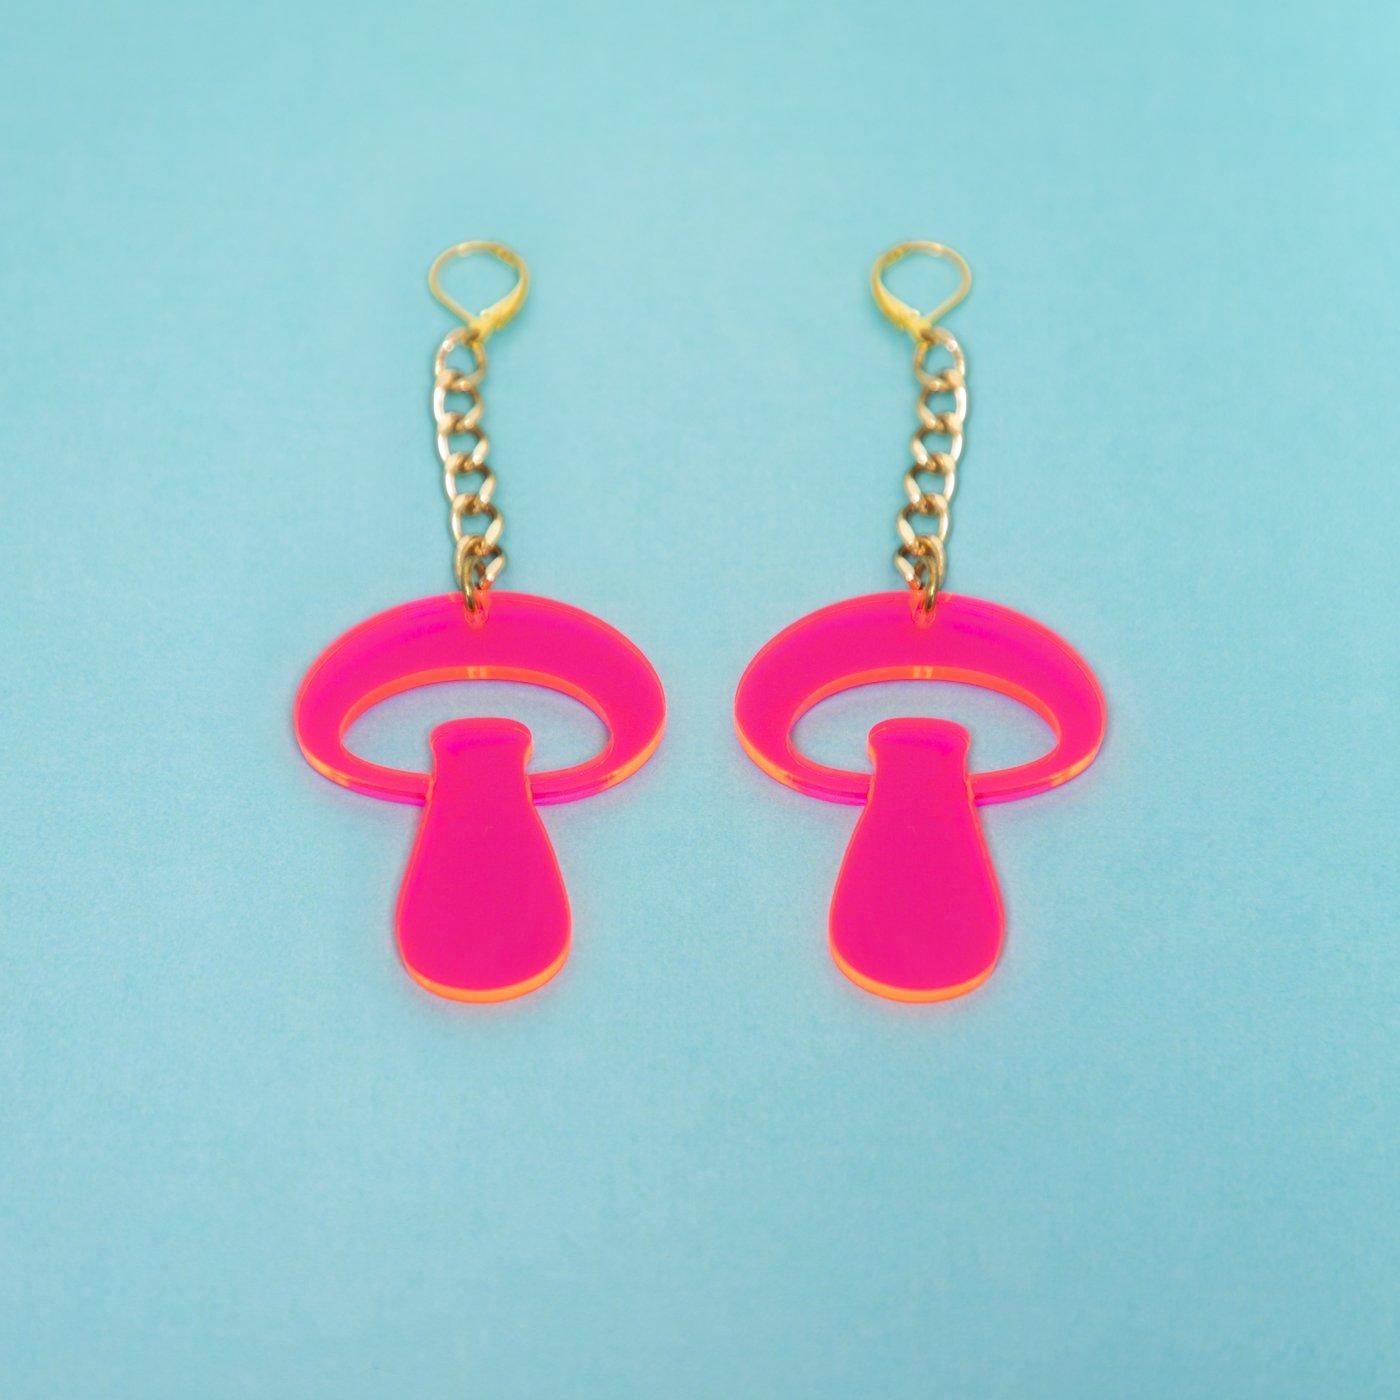 MindFlowers_Inner_Mushroom_Med_Fluroescent_Pink_Chain_Gold_Earring_1024x1024@2x.jpg